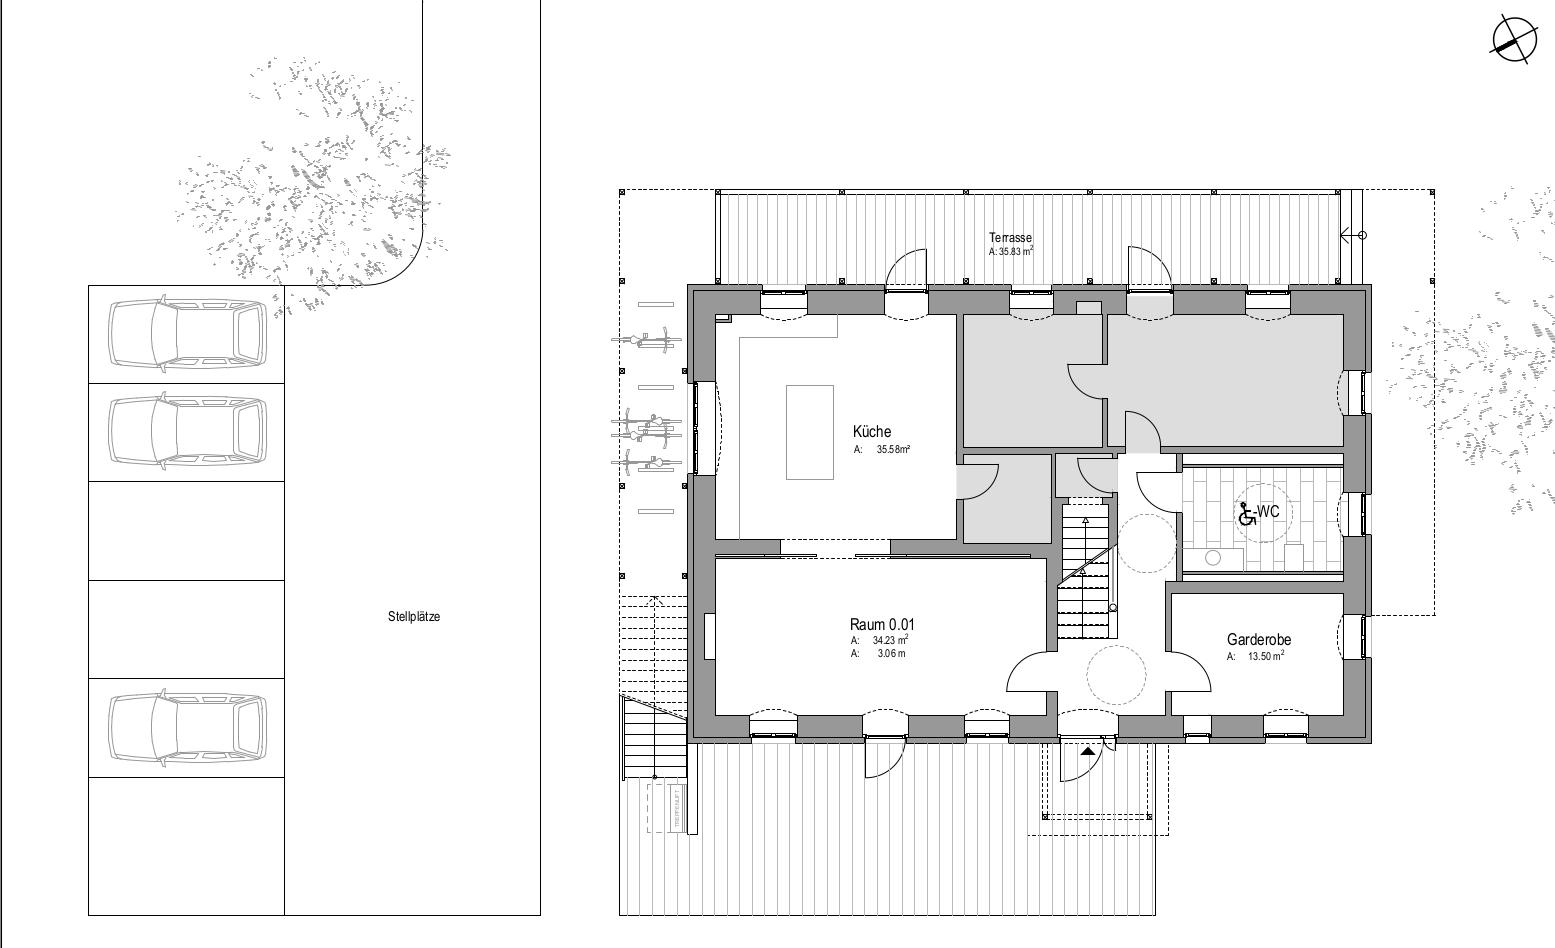 Grundriss Erdgeschoss Kinderbauernhaus